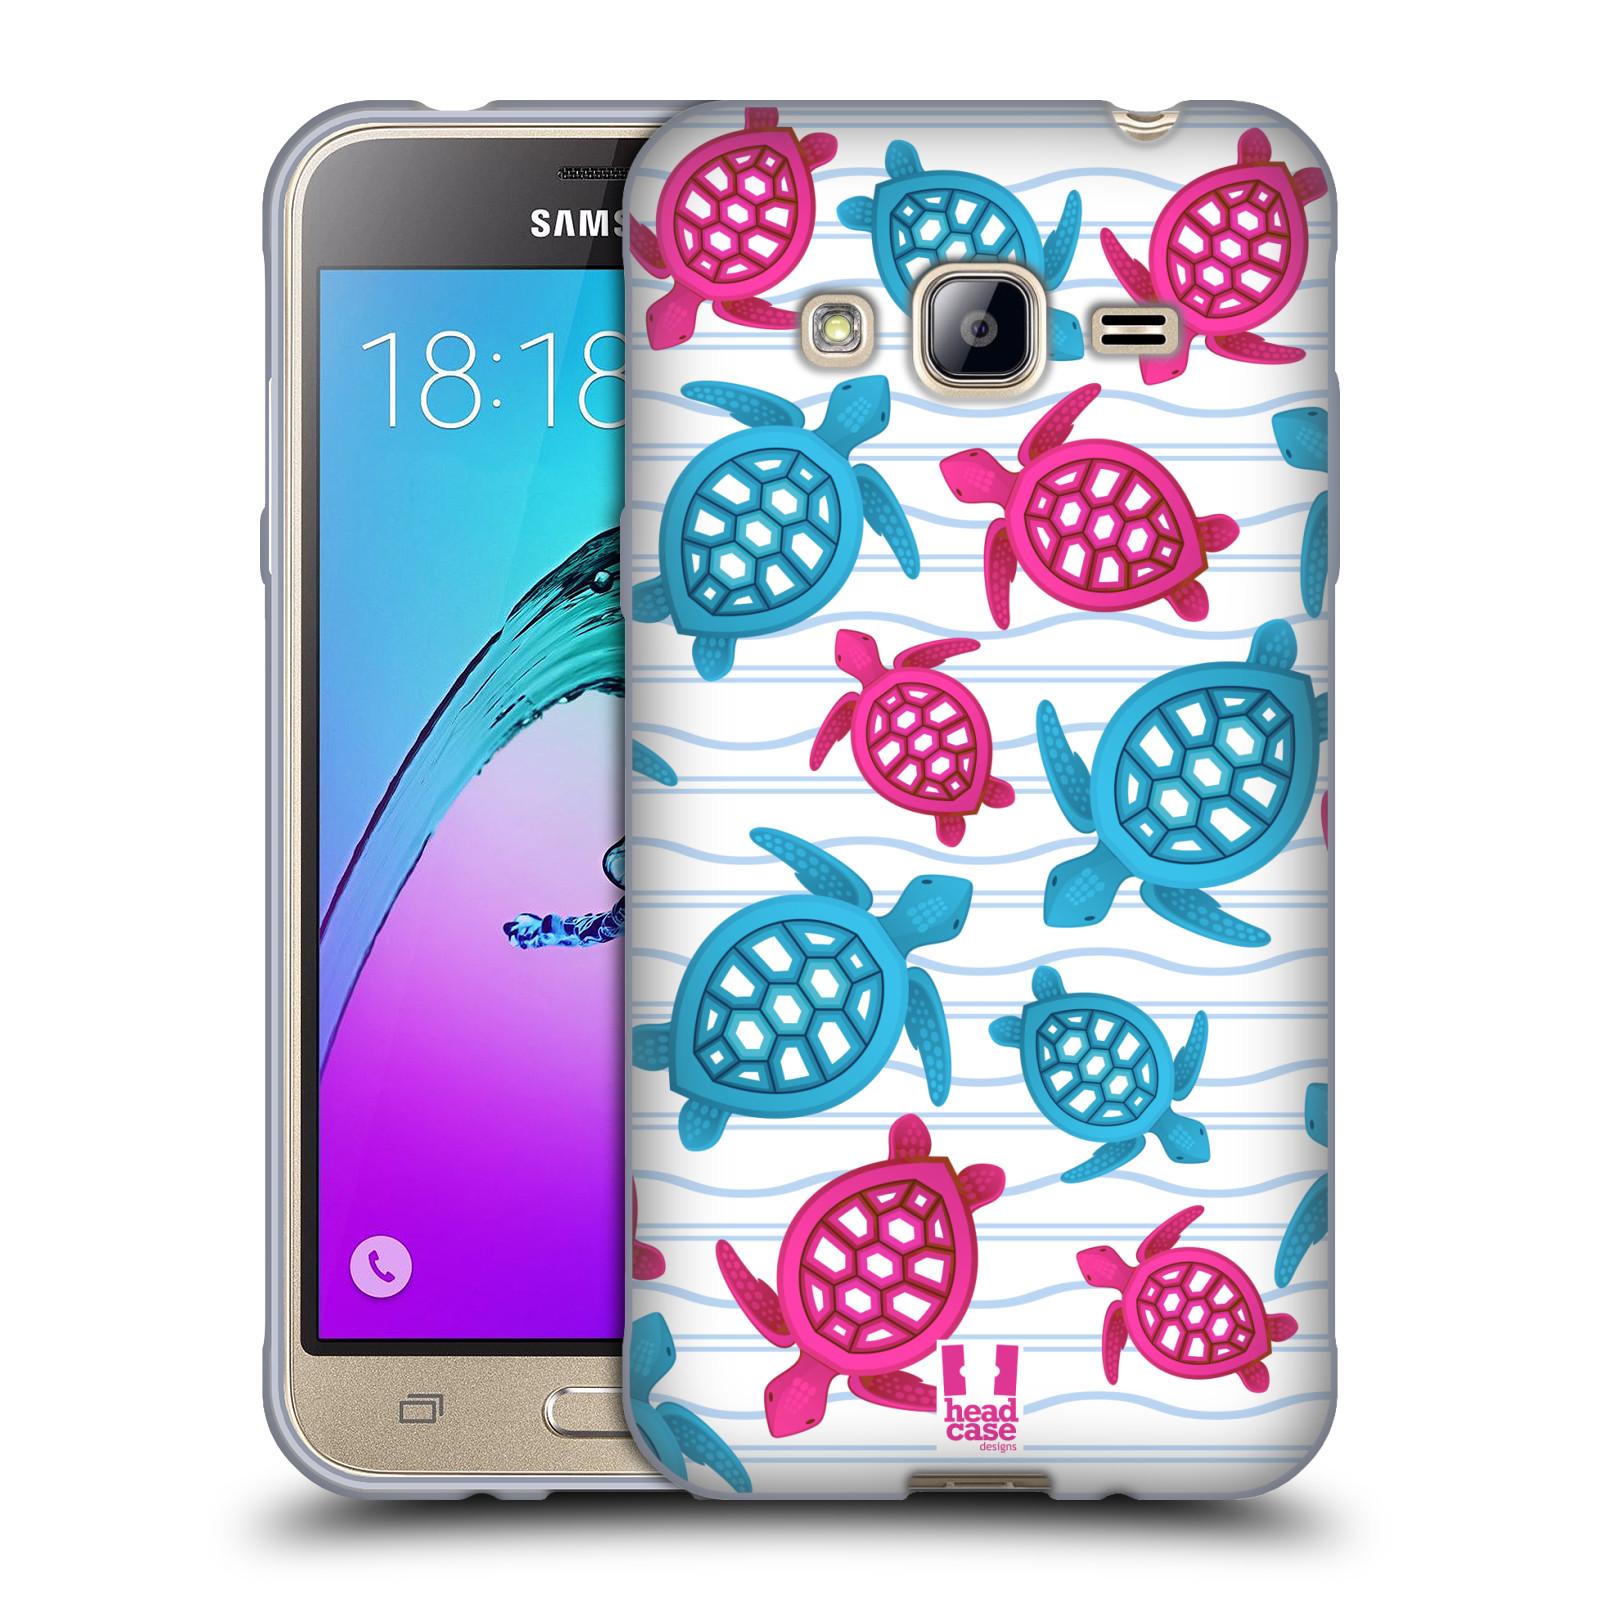 HEAD CASE silikonový obal na mobil Samsung Galaxy J3, J3 2016 vzor mořský živočich želva modrá a růžová